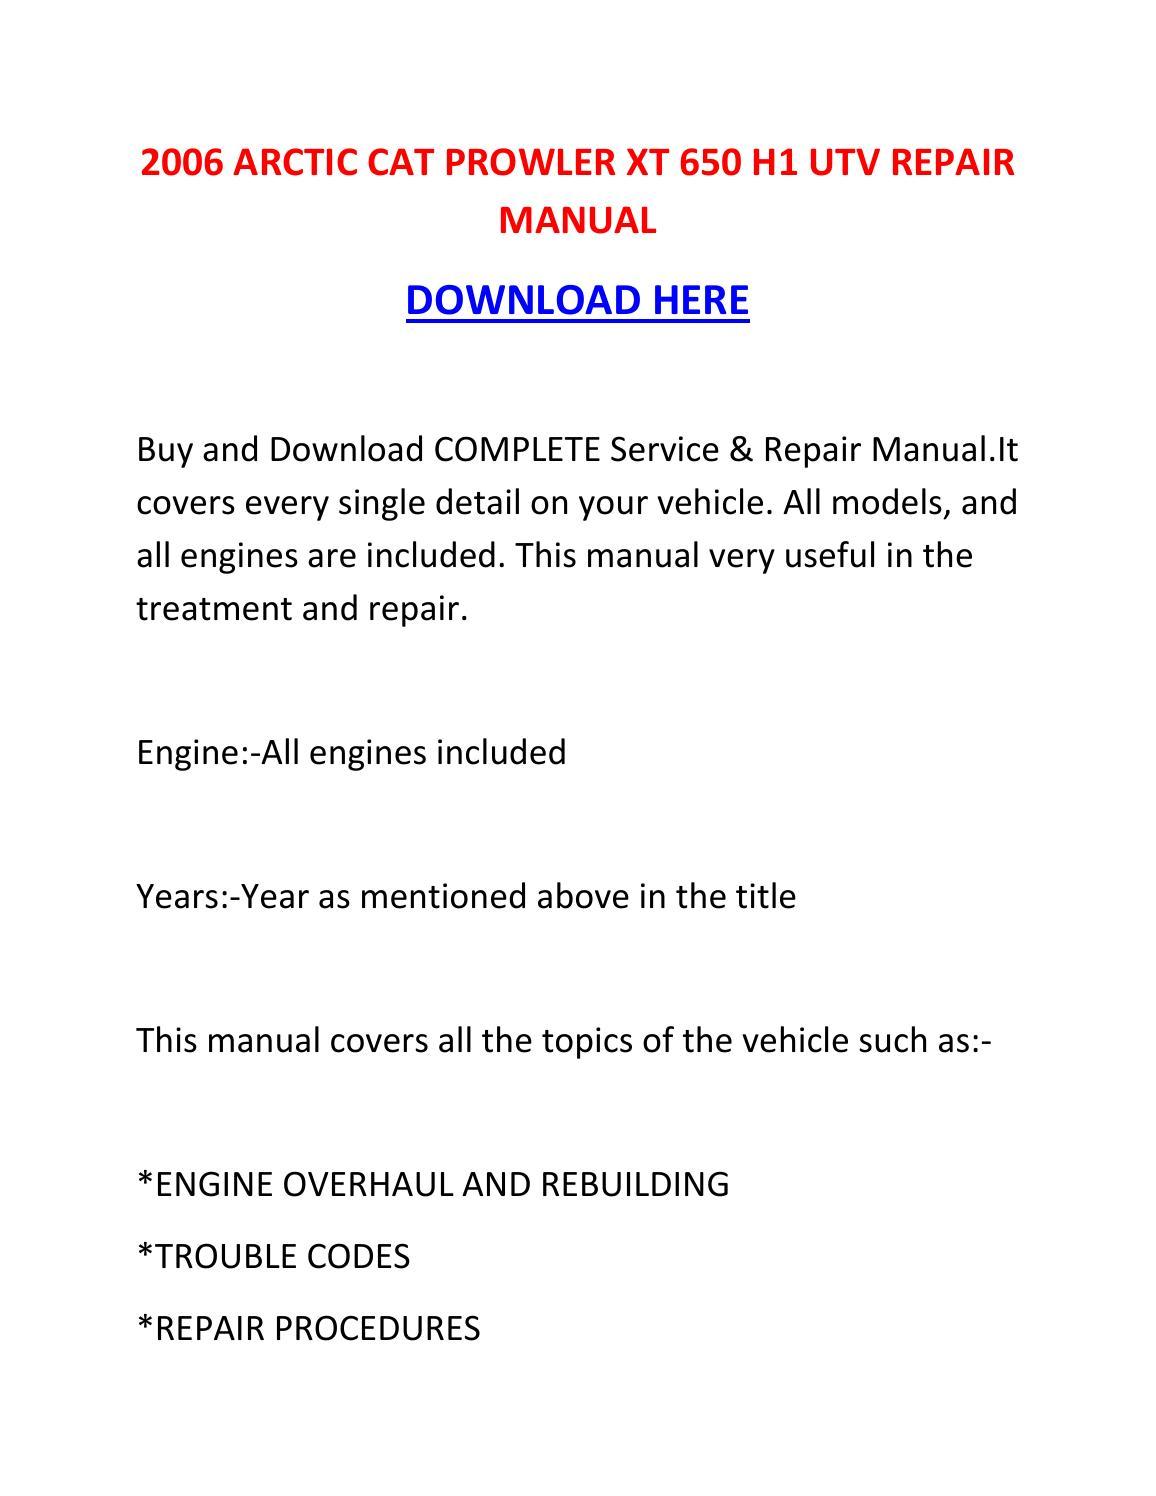 2006 arctic    cat       prowler    xt    650       h1    utv repair manual by